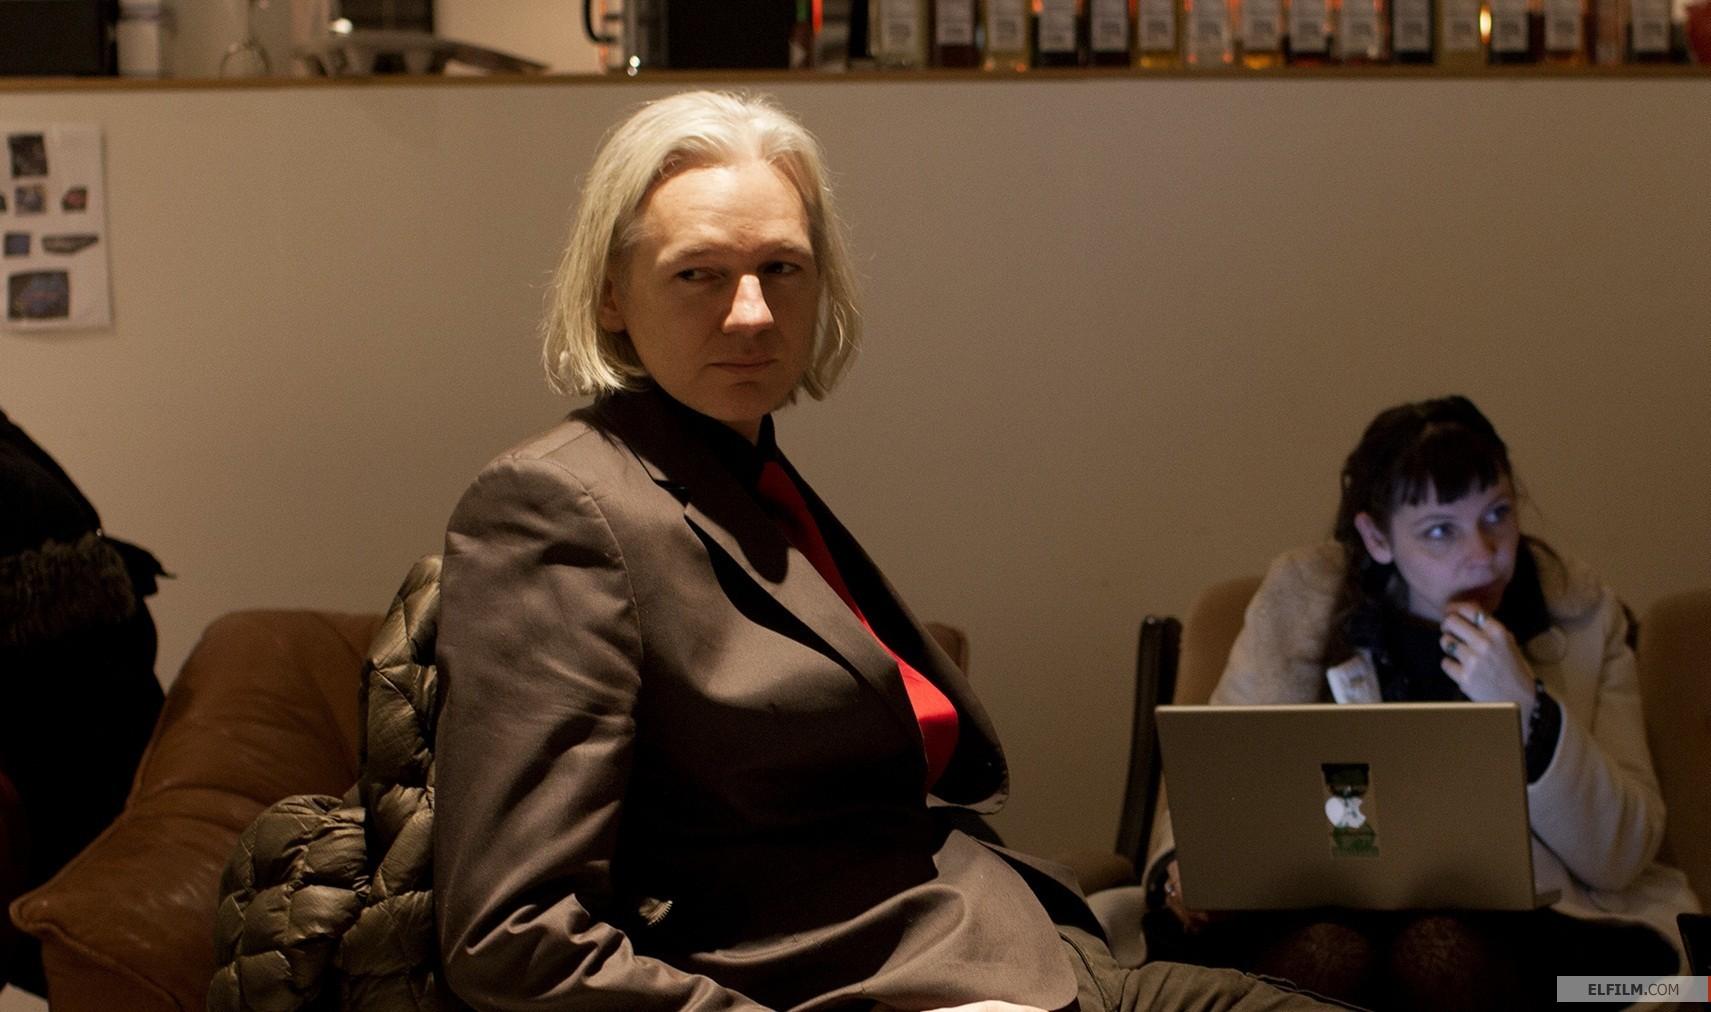 Julian Assange no documentário de Alex Gibney (photo by www.elfilm.com)